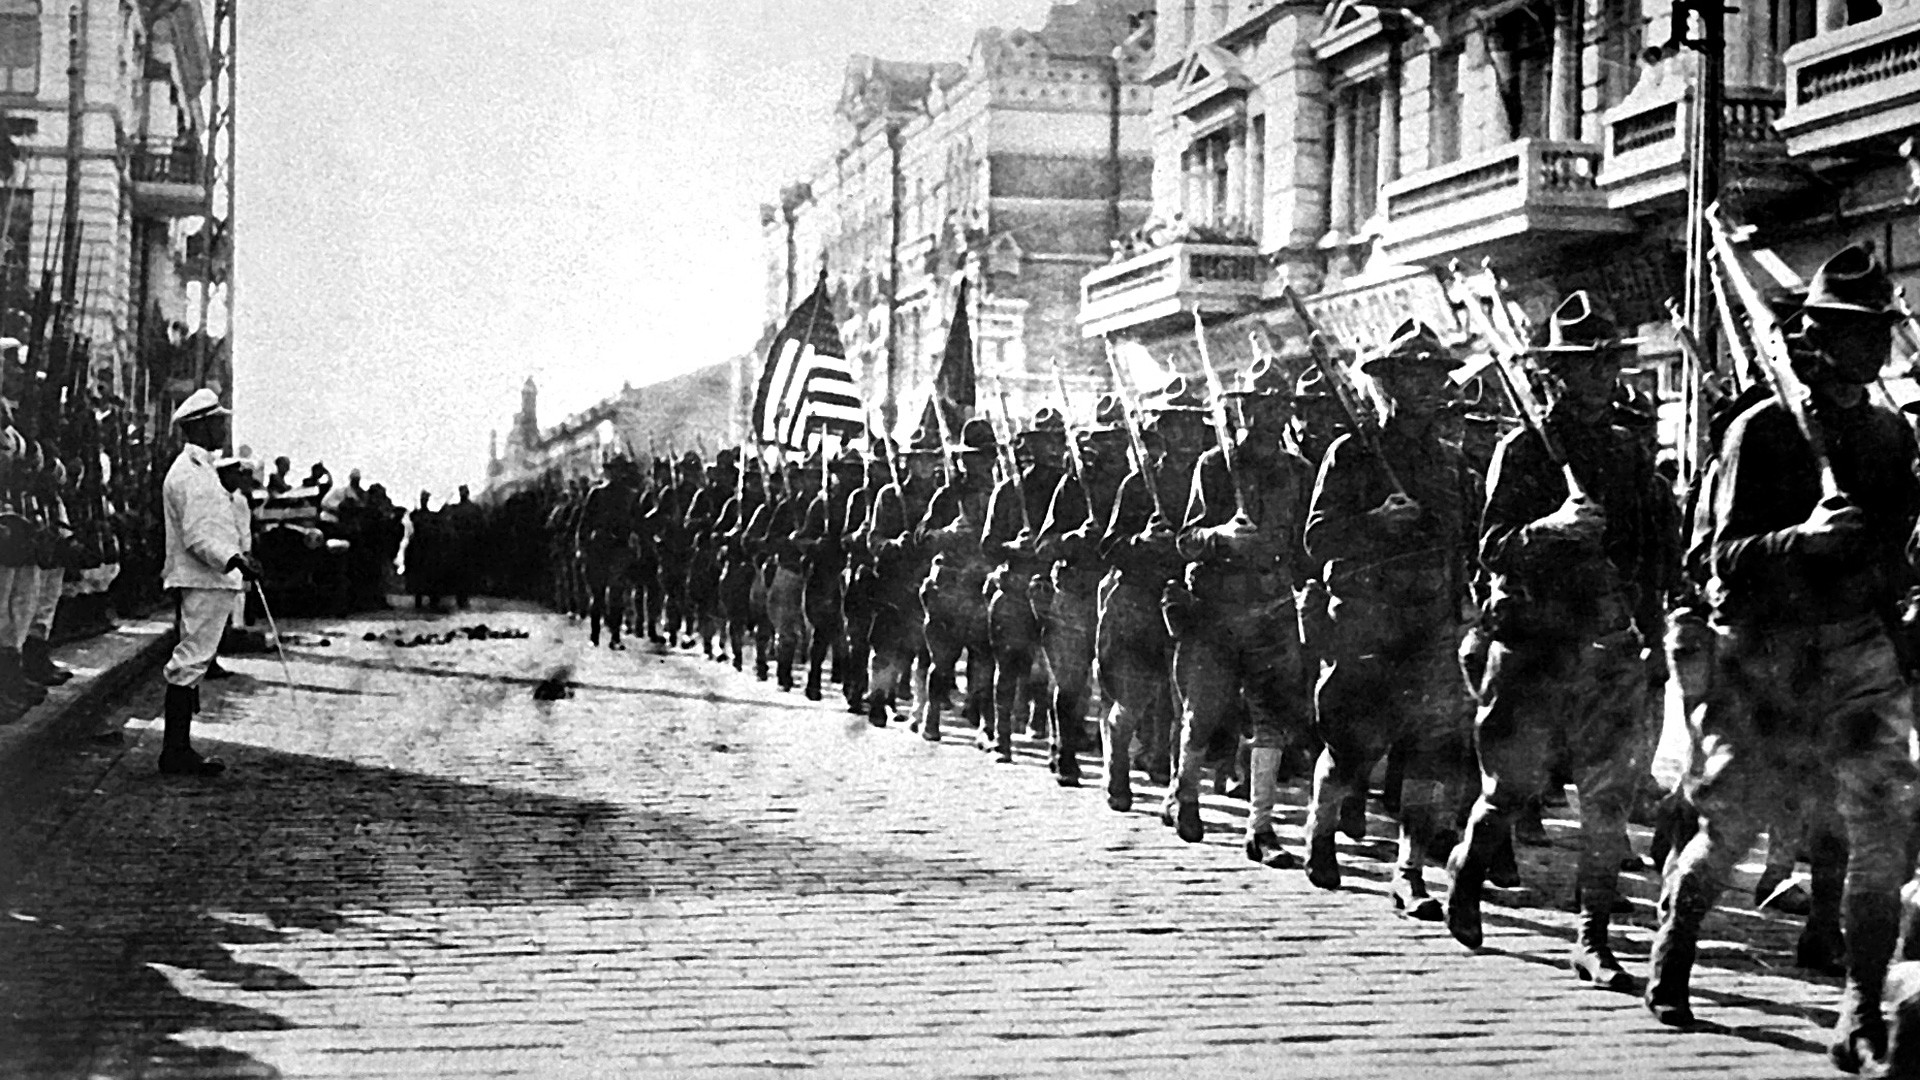 Amerikanische Truppen in Wladiwostok marschieren vor dem Gebäude, das von Tschechoslowaken besetzt ist. August 1918.